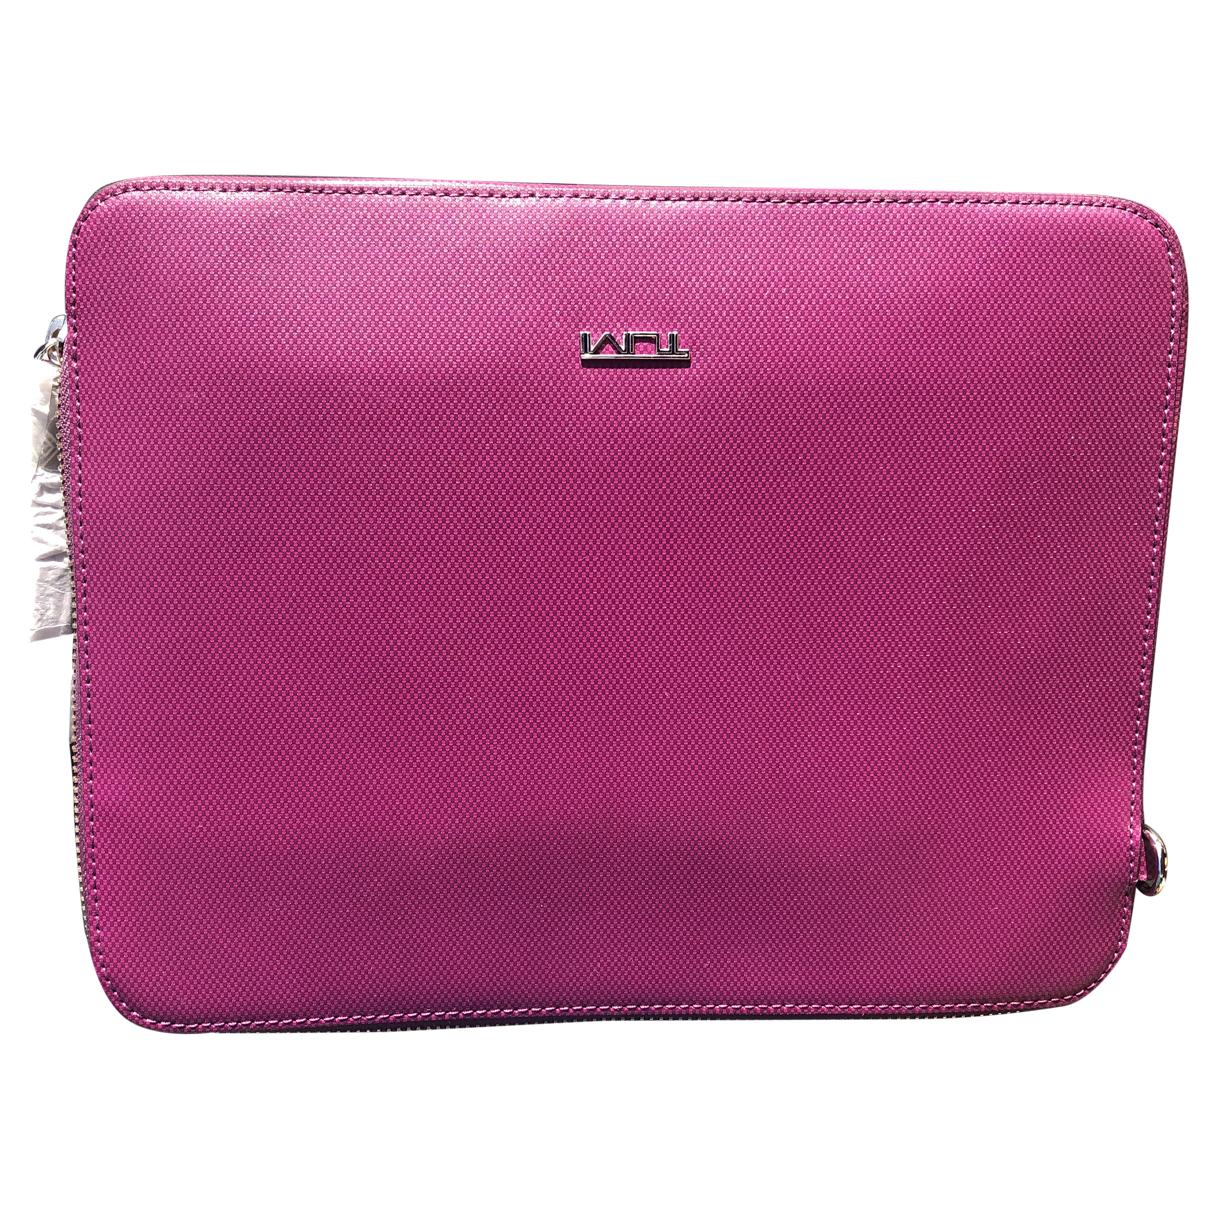 Tumi - Accessoires   pour lifestyle en cuir - violet